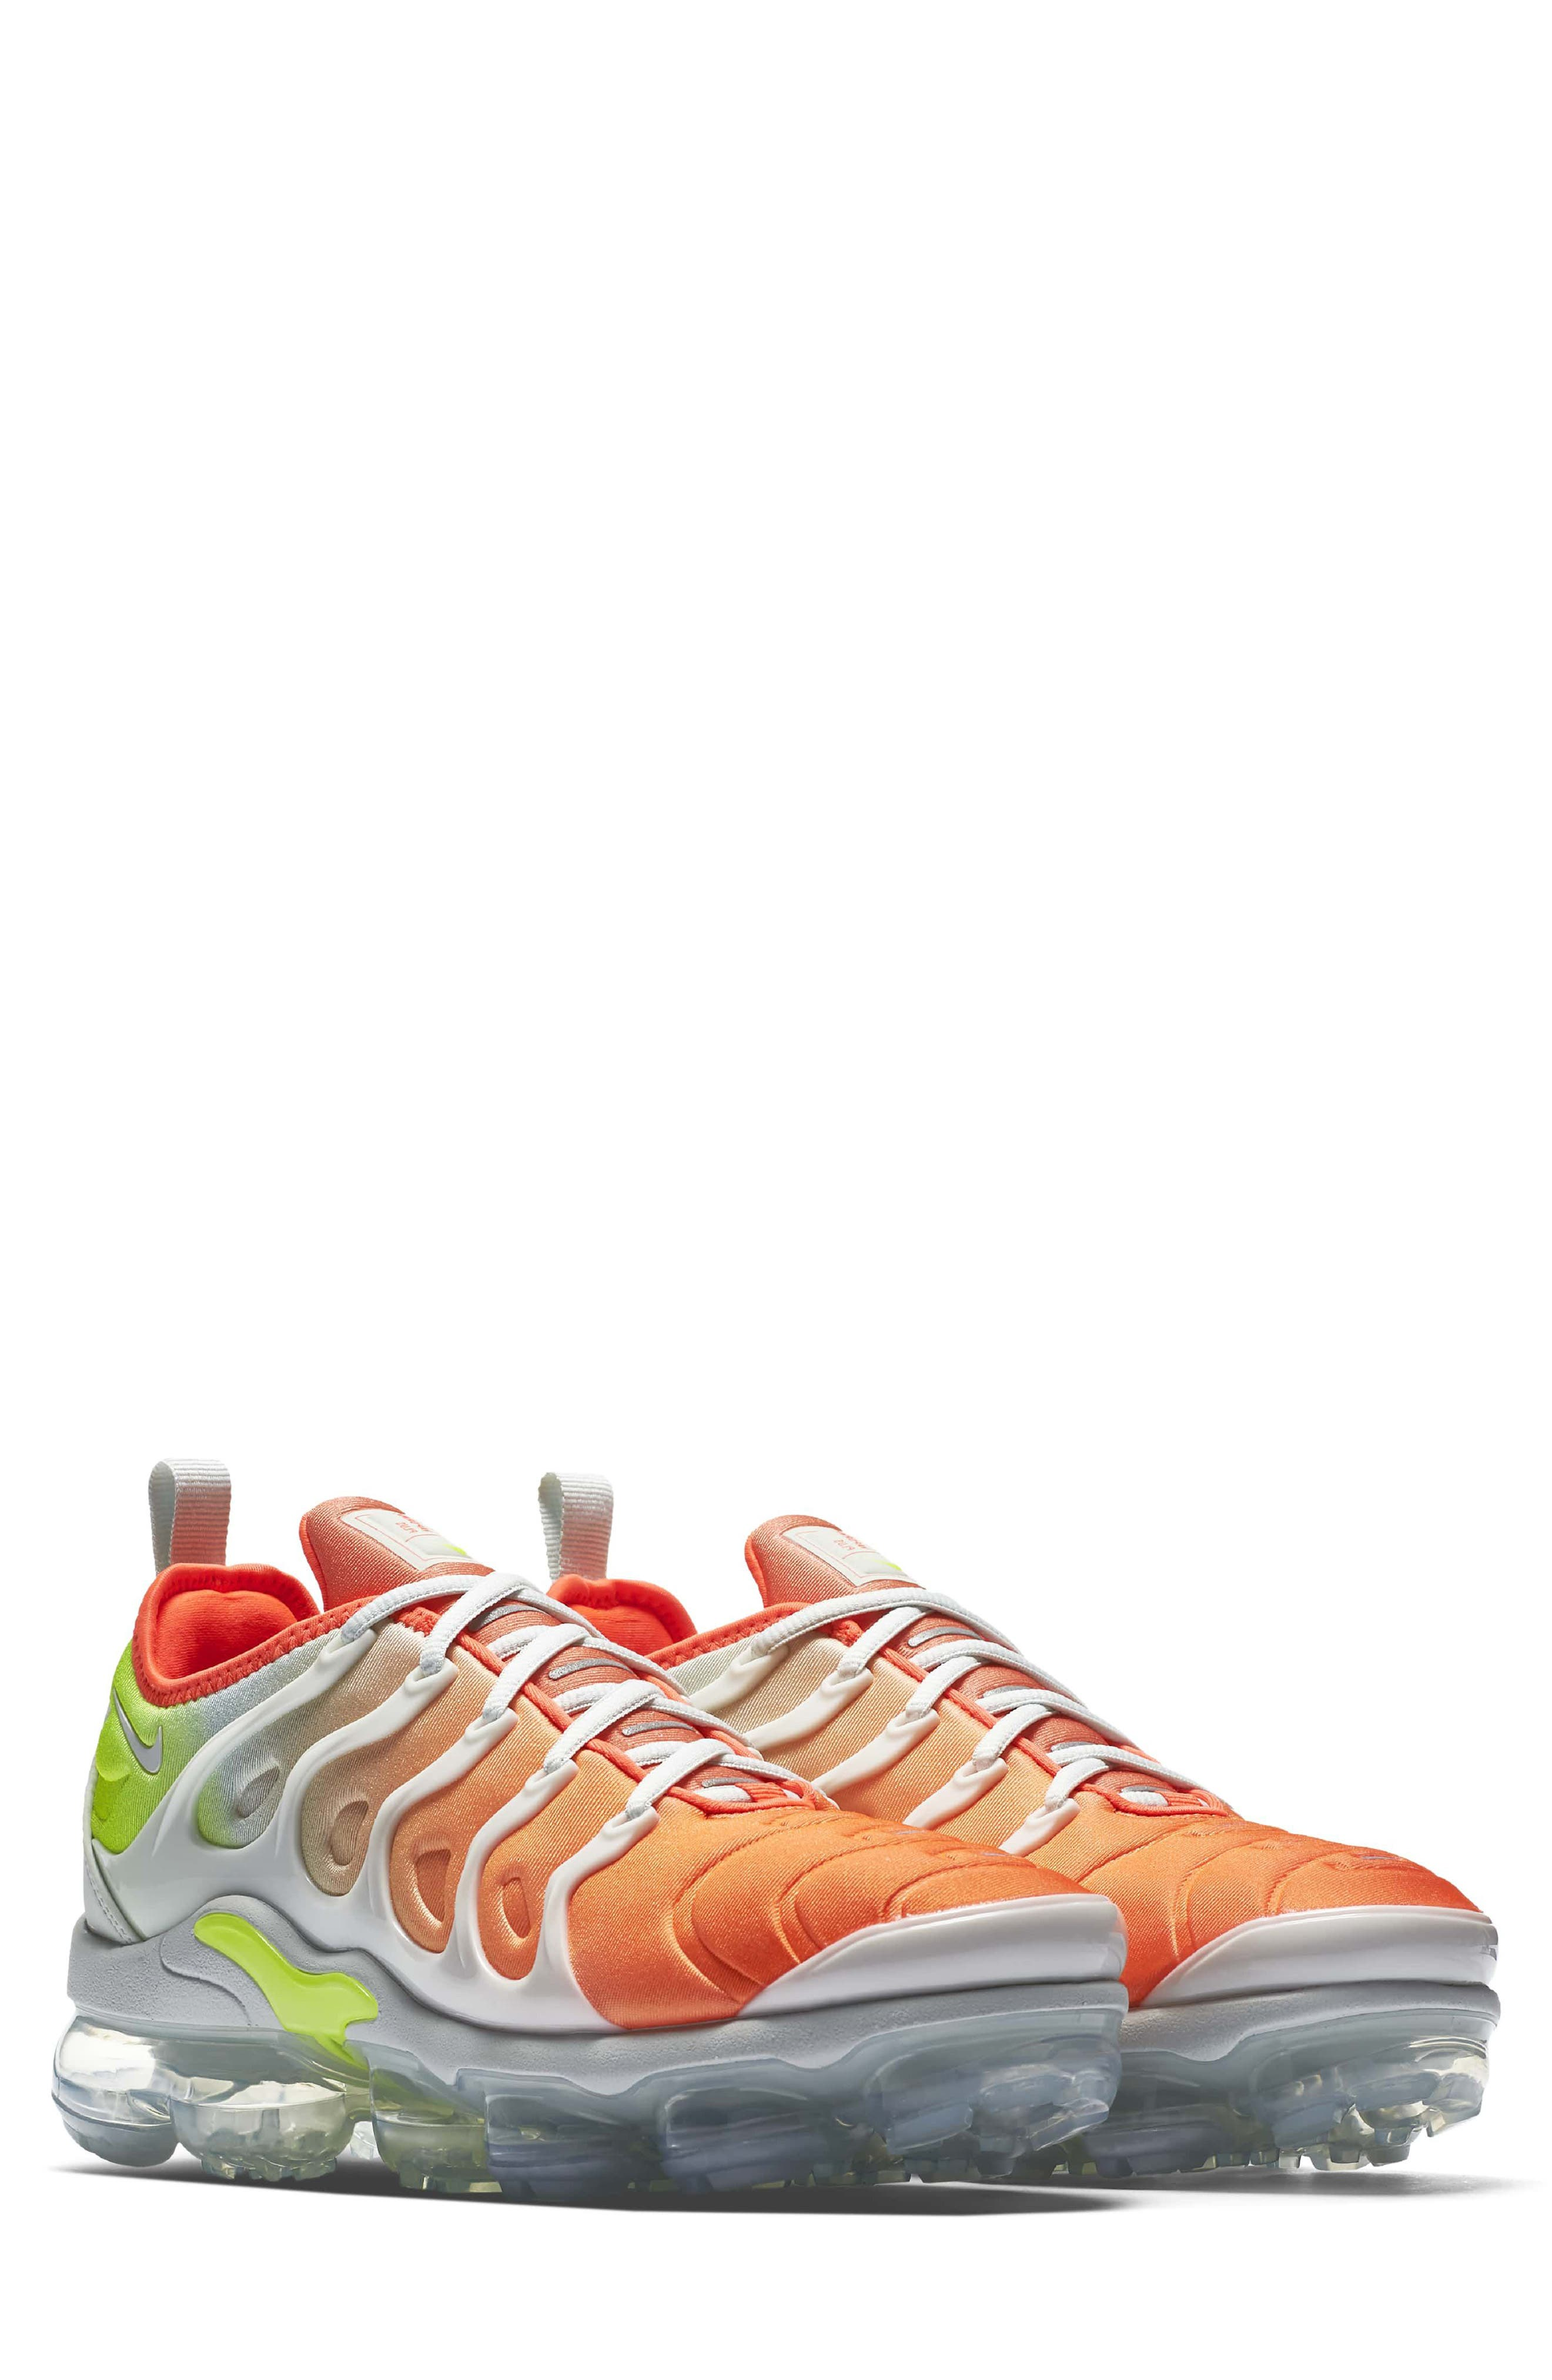 Nike Vapormax Plus De Femmes Bleu Barboteuse de nouveaux styles jeu obtenir  authentique 9jWkJM